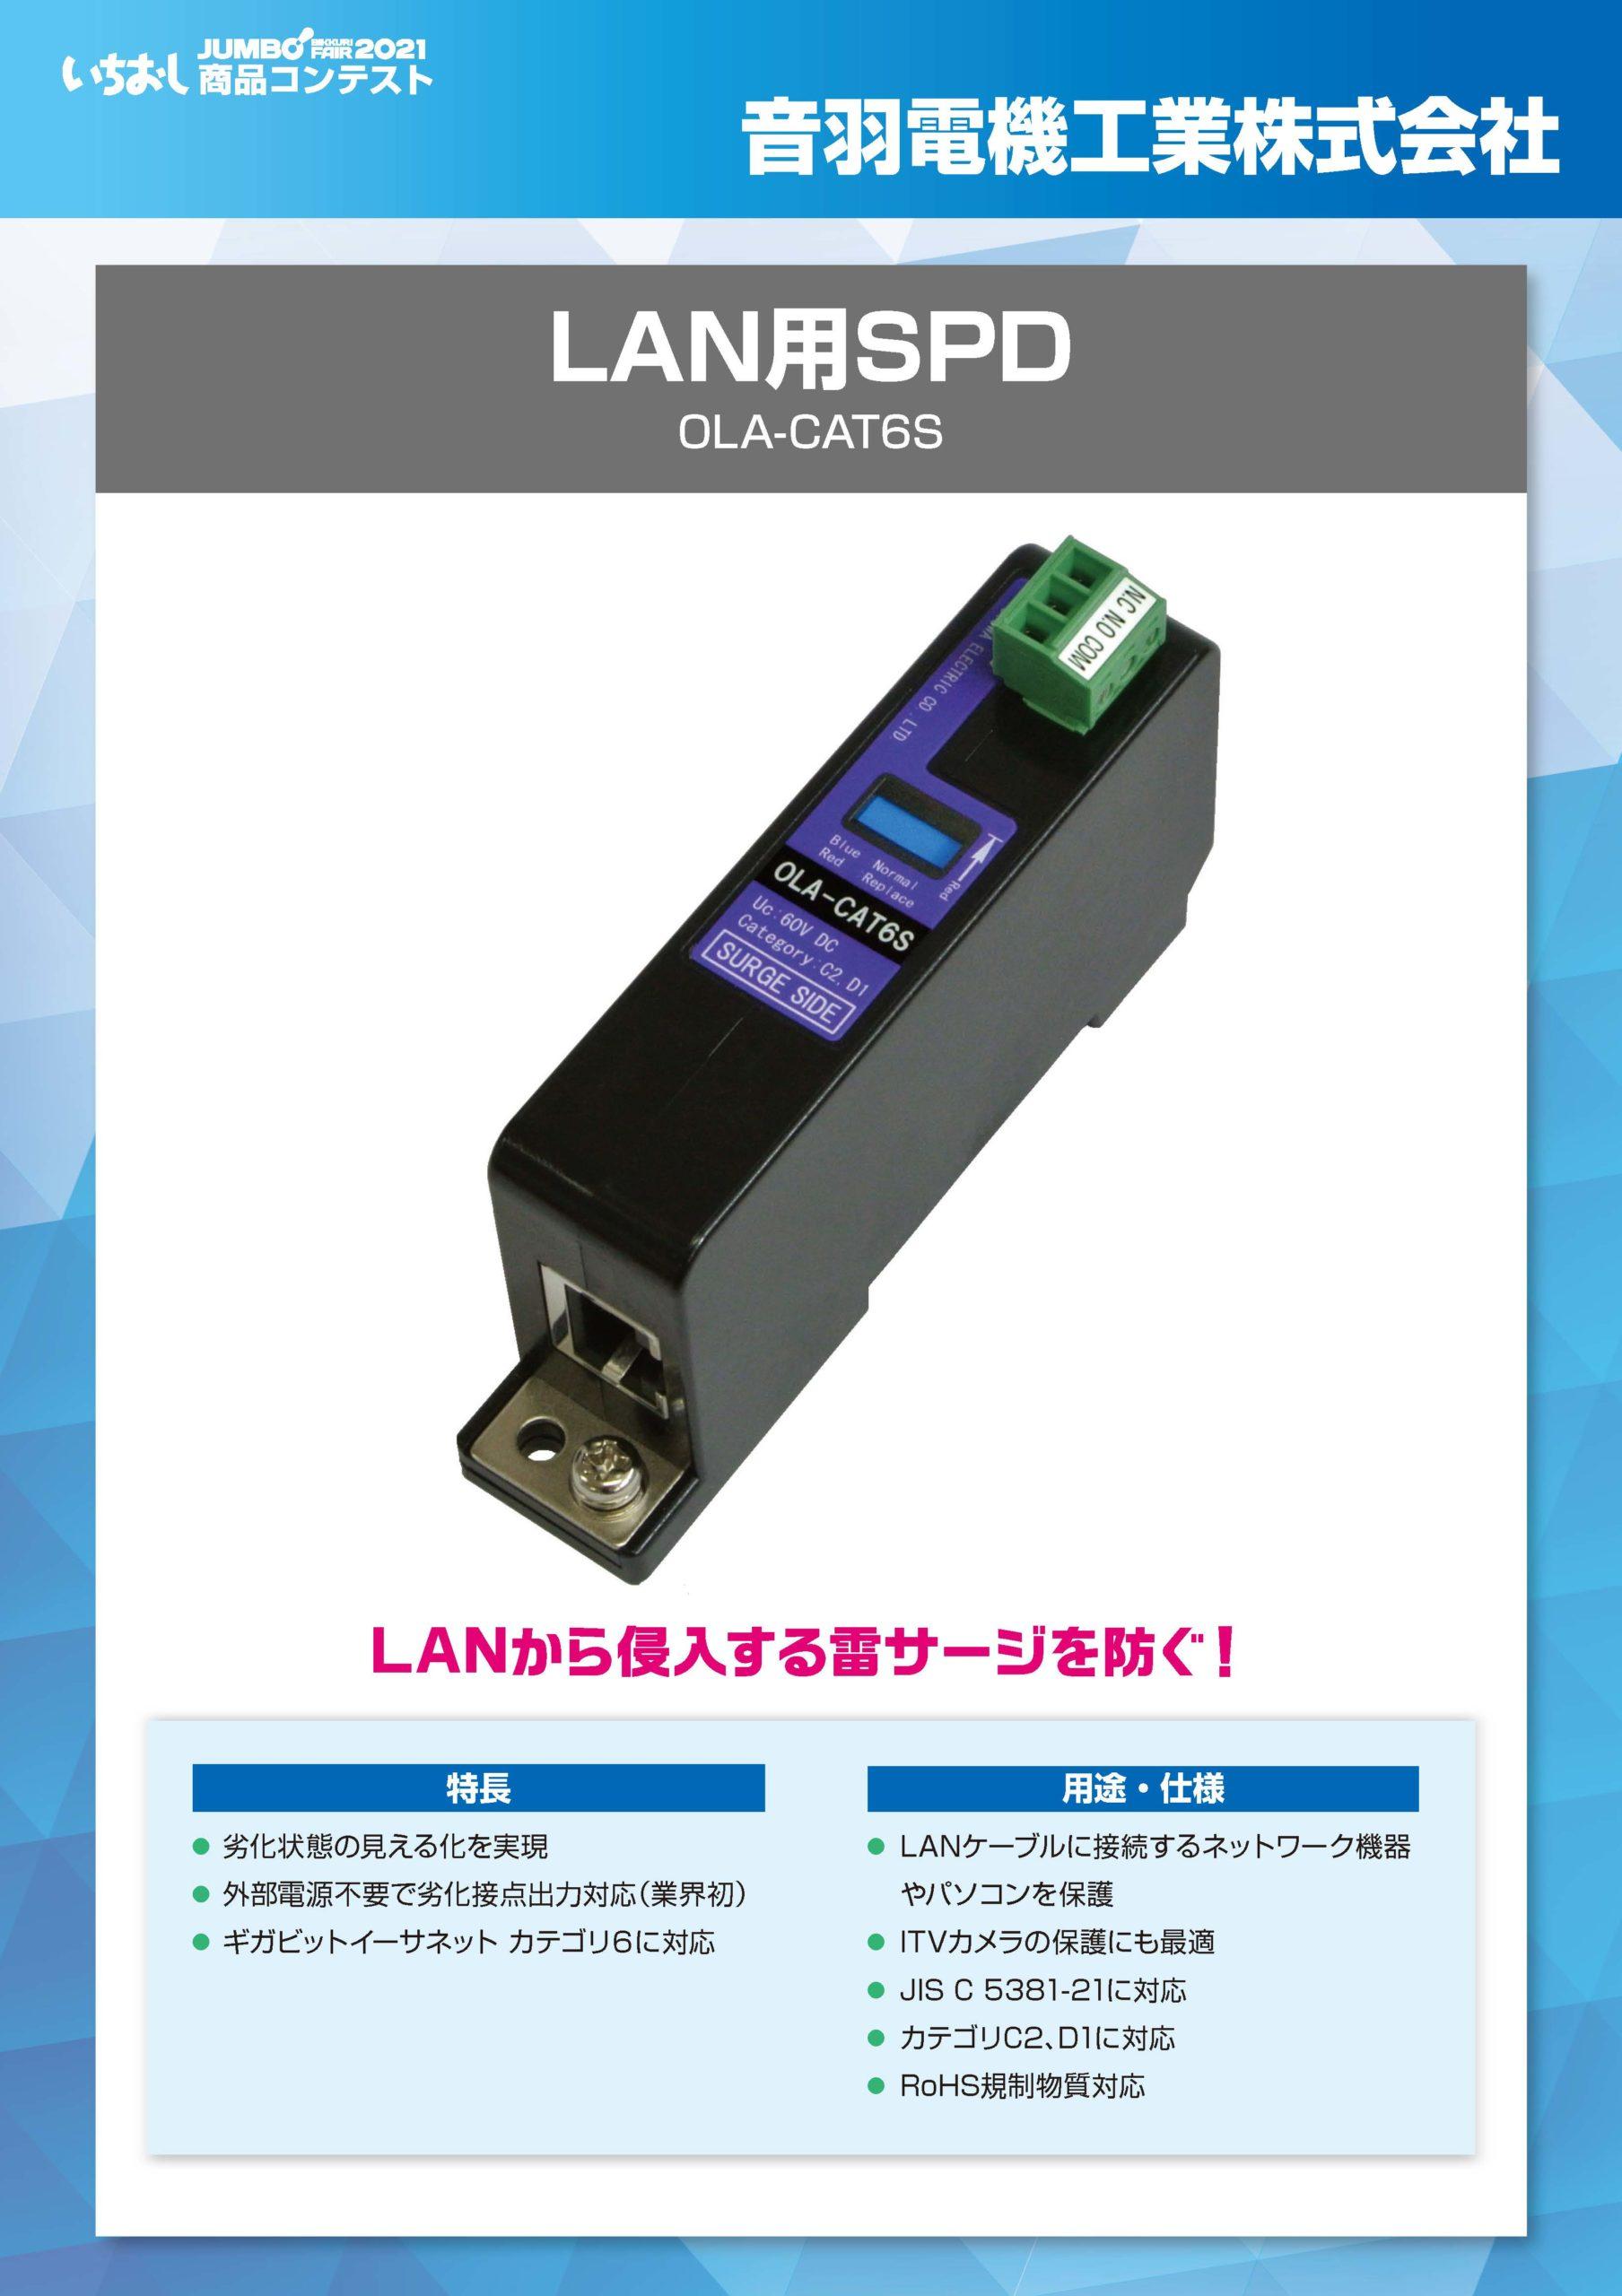 「LAN用SPD」音羽電機工業株式会社の画像